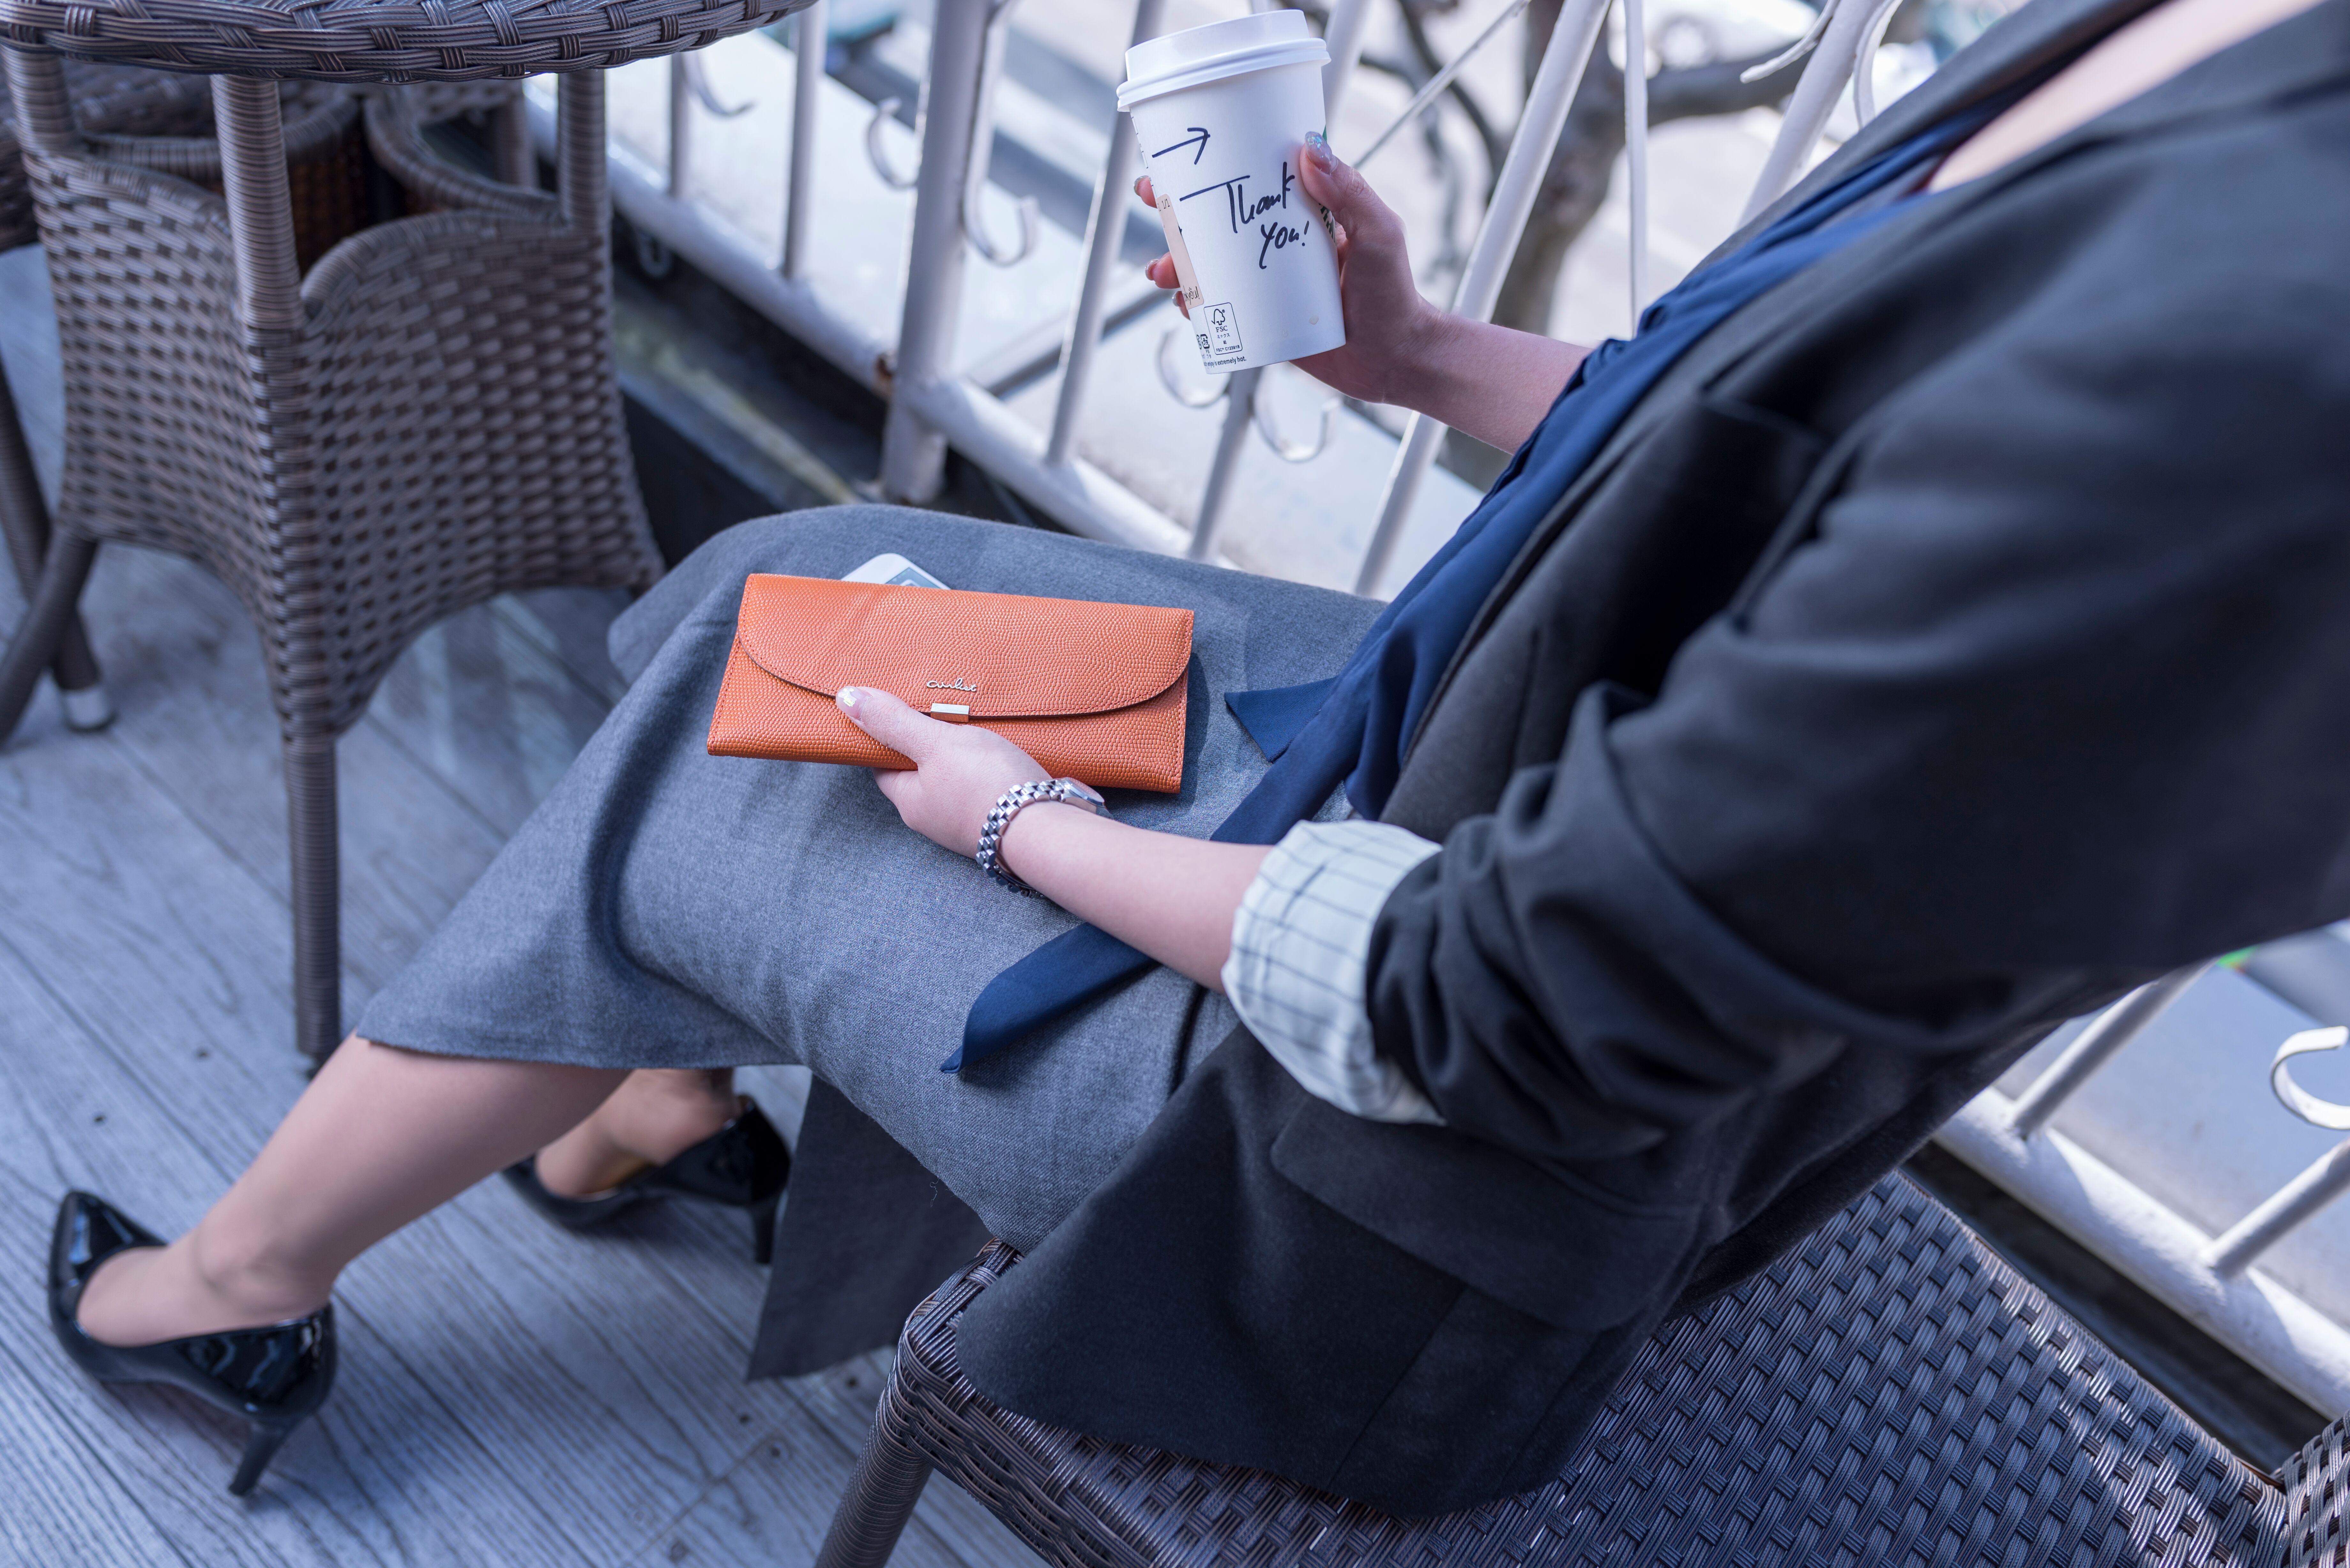 ギャルソン長財布 ギャルソン財布 ギャルソン 財布 長財布 薄い財布 軽い財布 エアリスト airlist wallet ピリカ pirika 軽いバッグ ポシェット フェザー ルナ luna